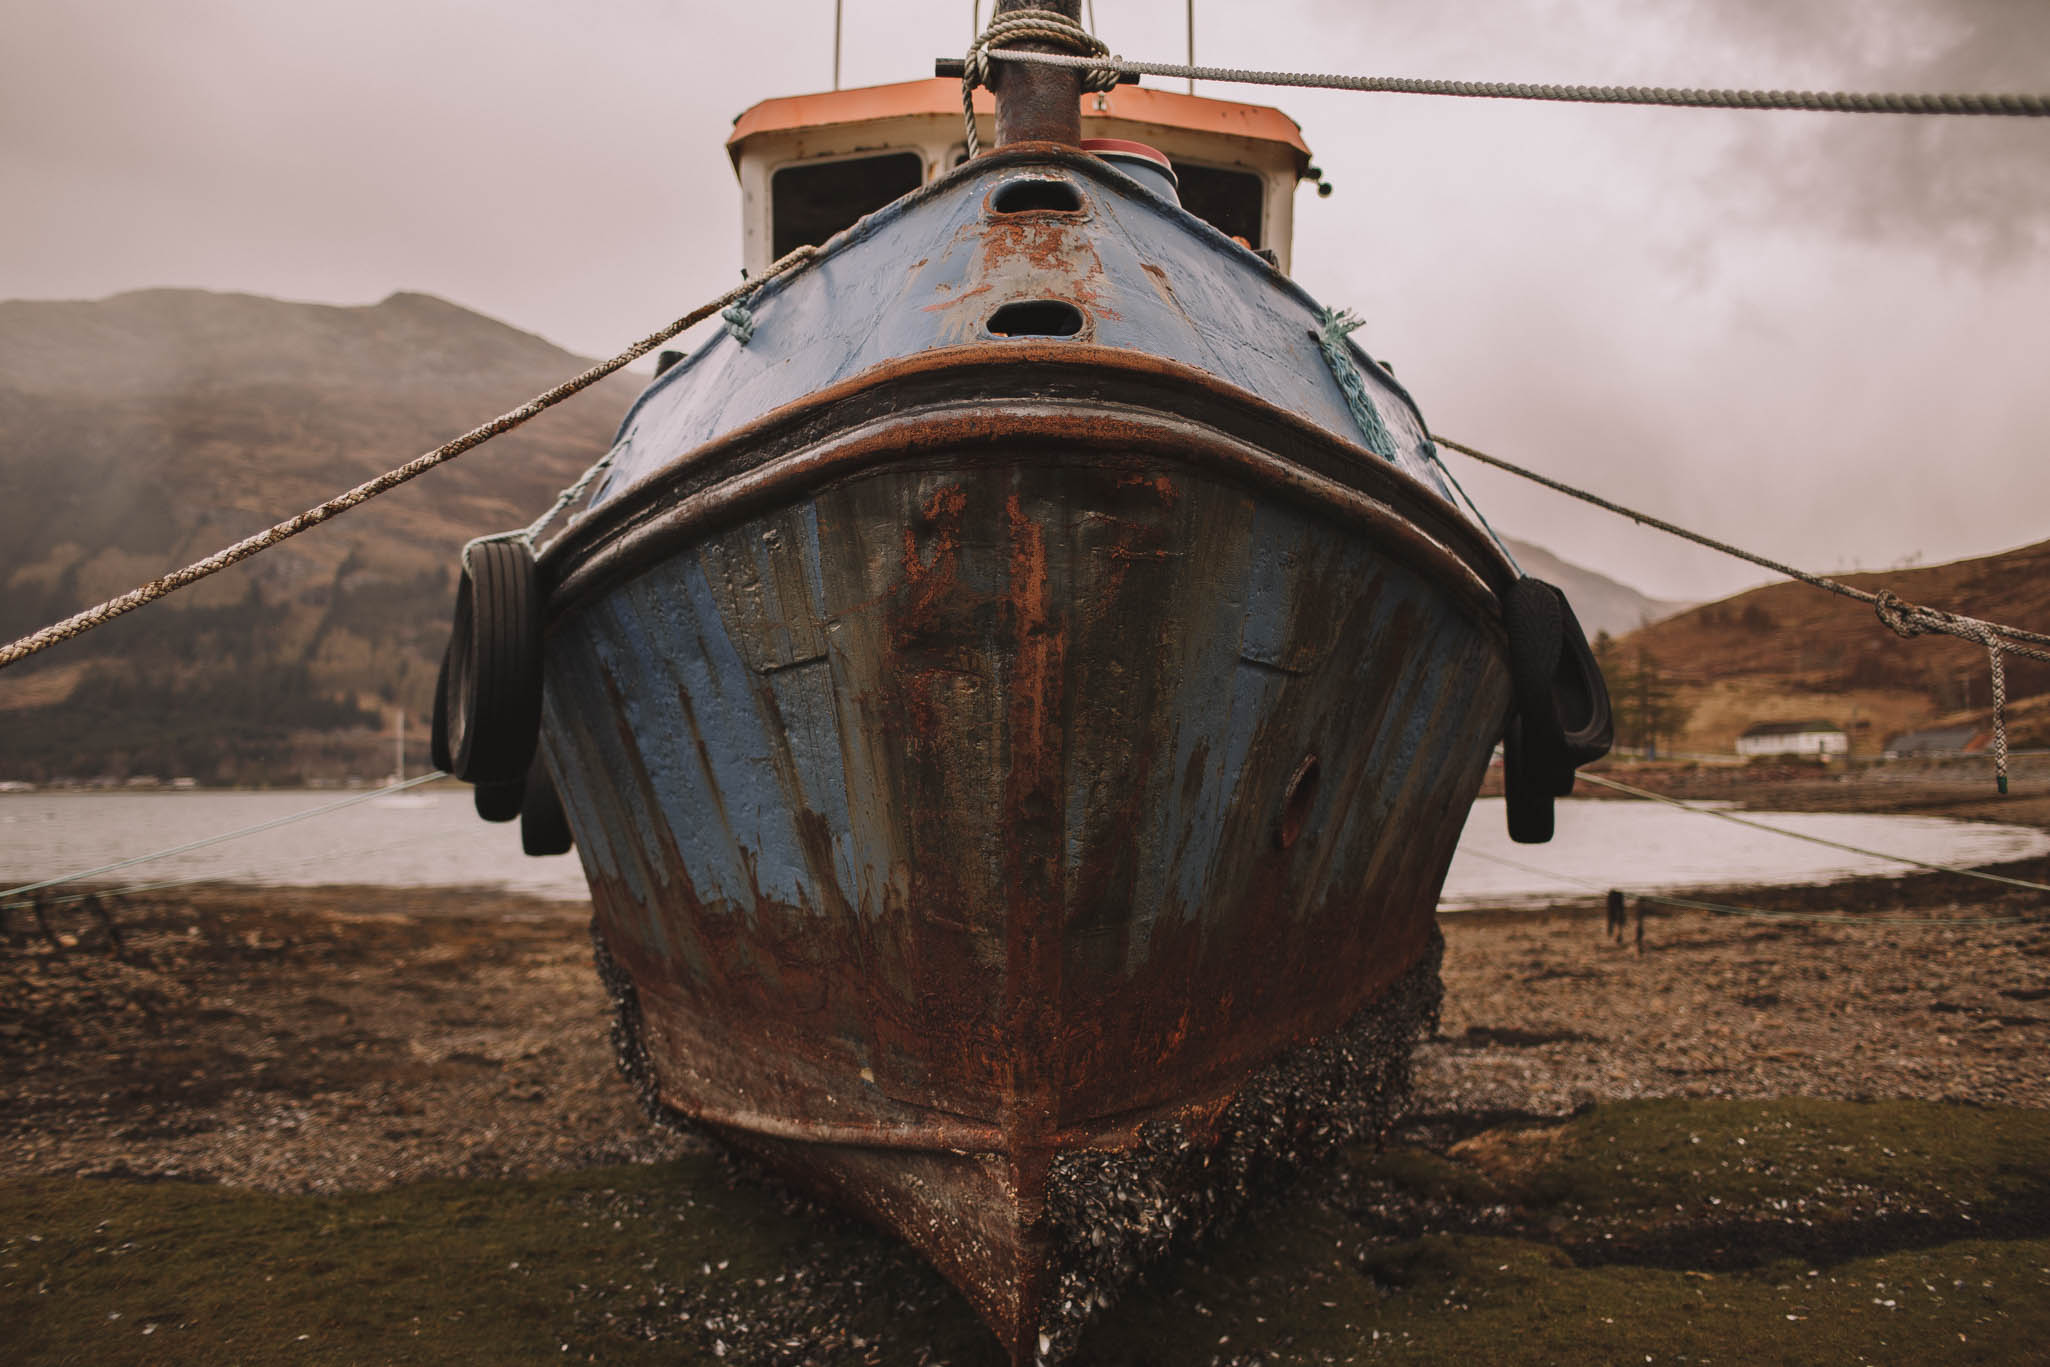 Scotland-wedding-photographer-jeremy-boyer-photographe-mariage-ecosse-voyage-road-trip-travel-41.jpg